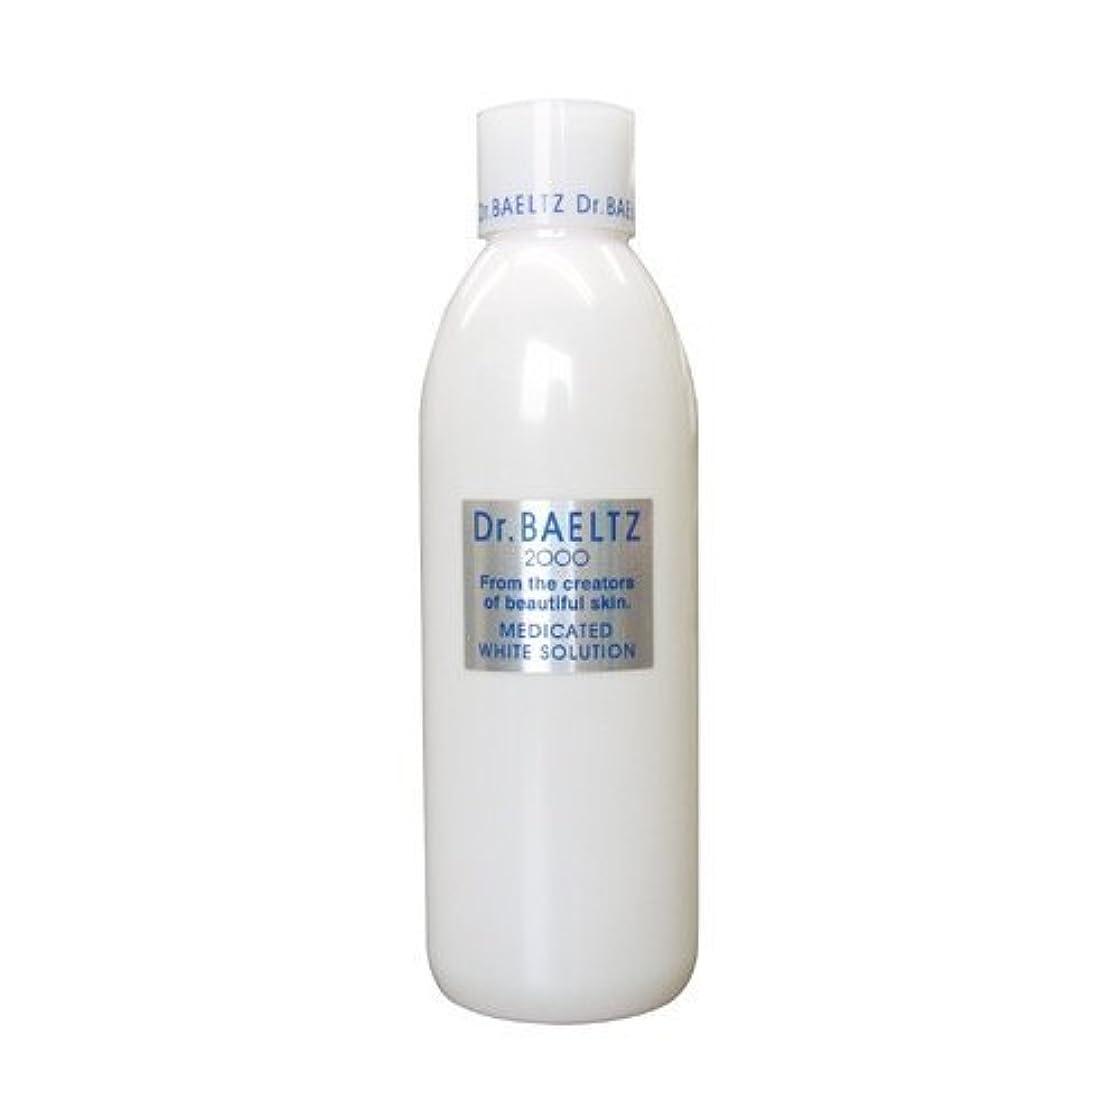 賞を除く抑制ドクターベルツ(Dr.BAELTZ) 薬用ホワイトソリューション 300ml(美白化粧水 医薬部外品)